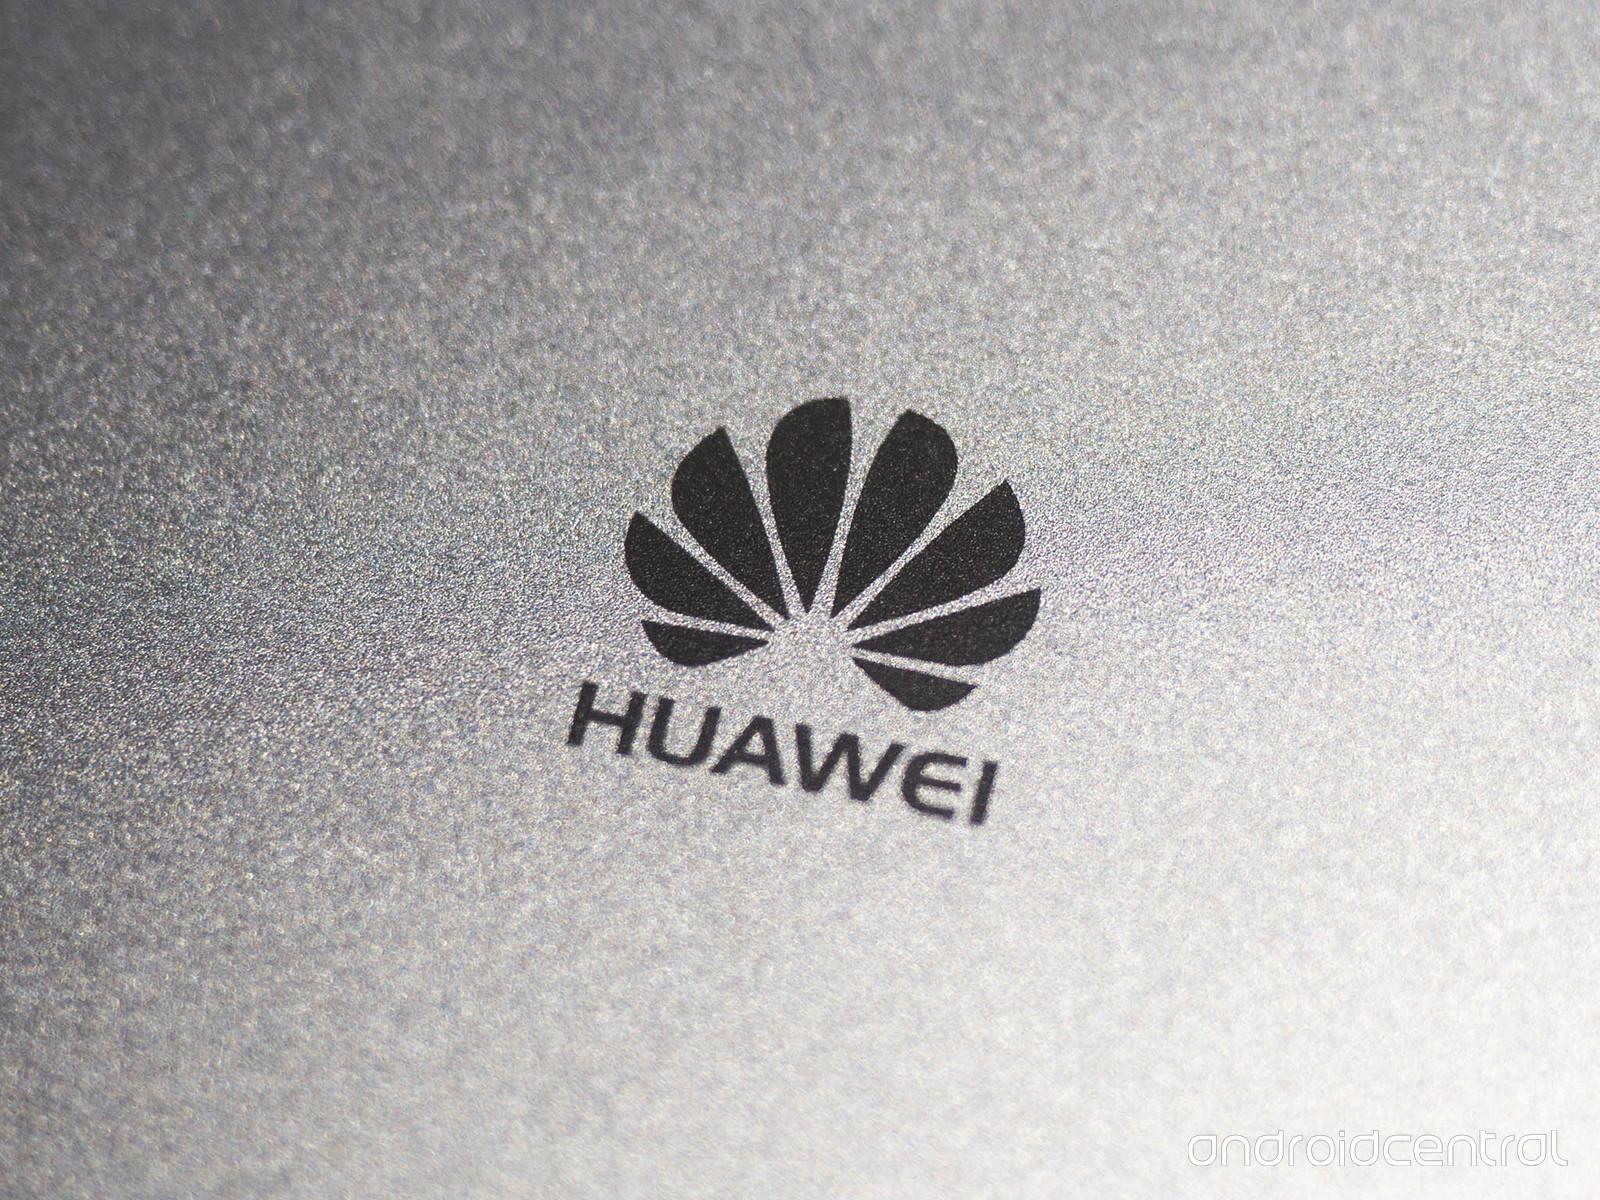 Schemi Elettrici Huawei : Huawei prepara una super ricarica per i suoi futuri smartphone